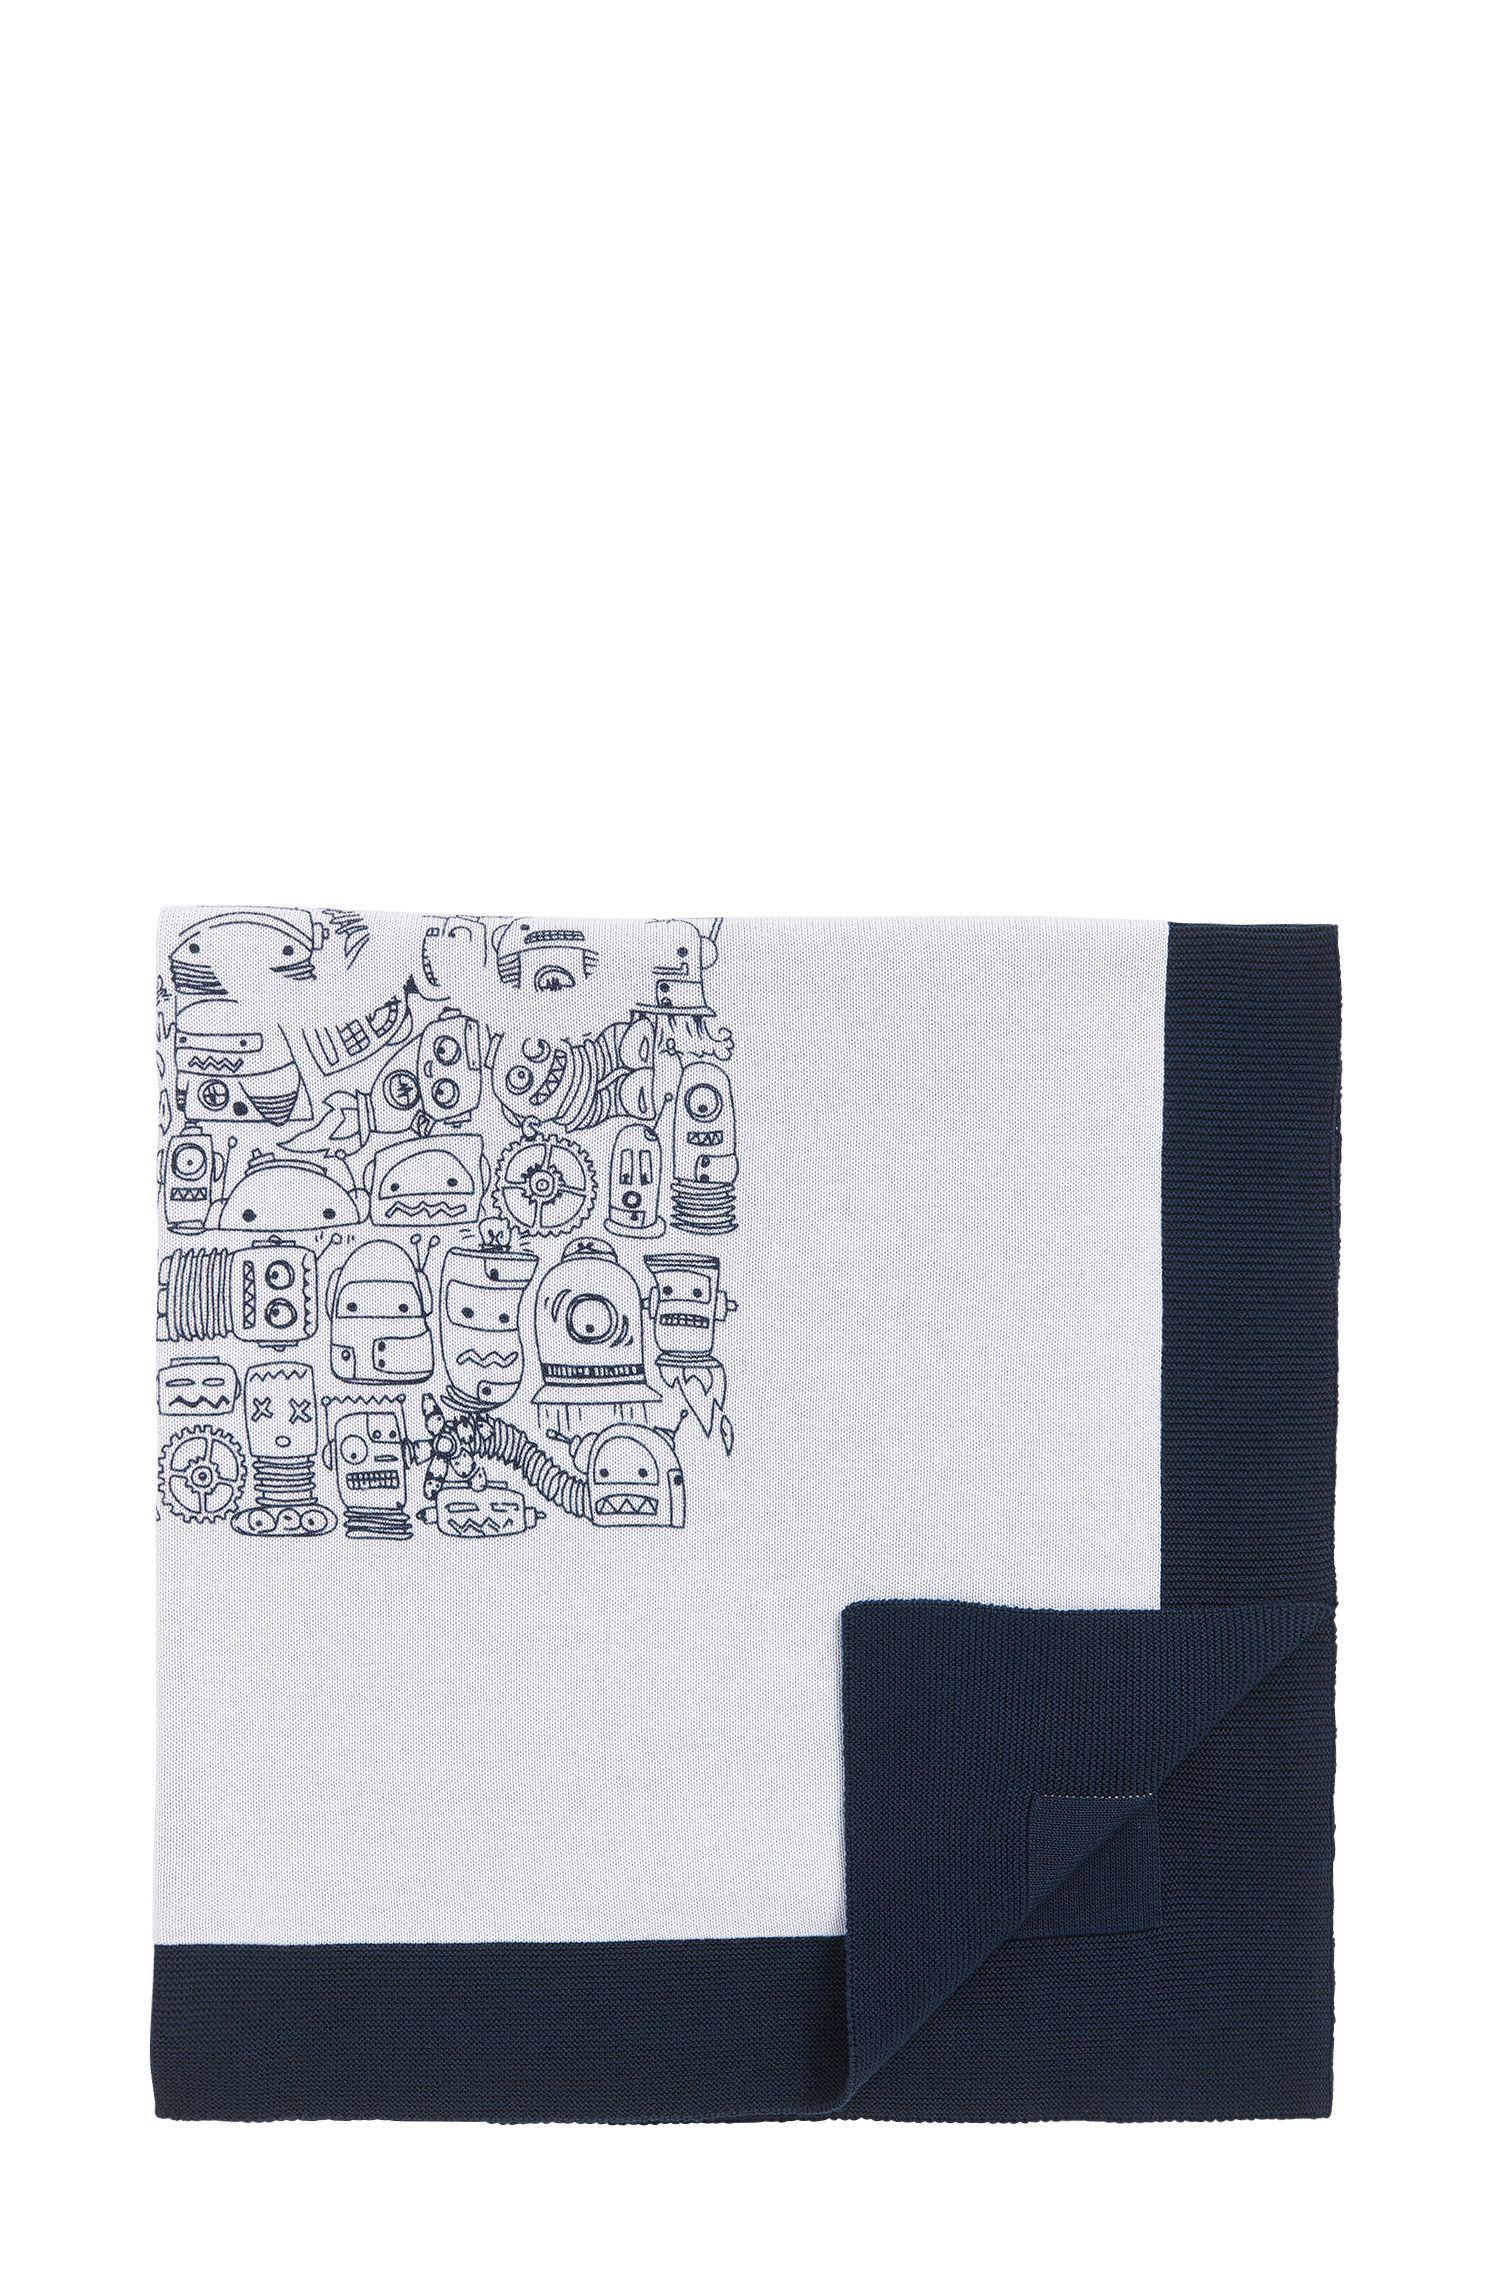 Coperta da neonato in cotone lavorato a maglia con disegni di robot